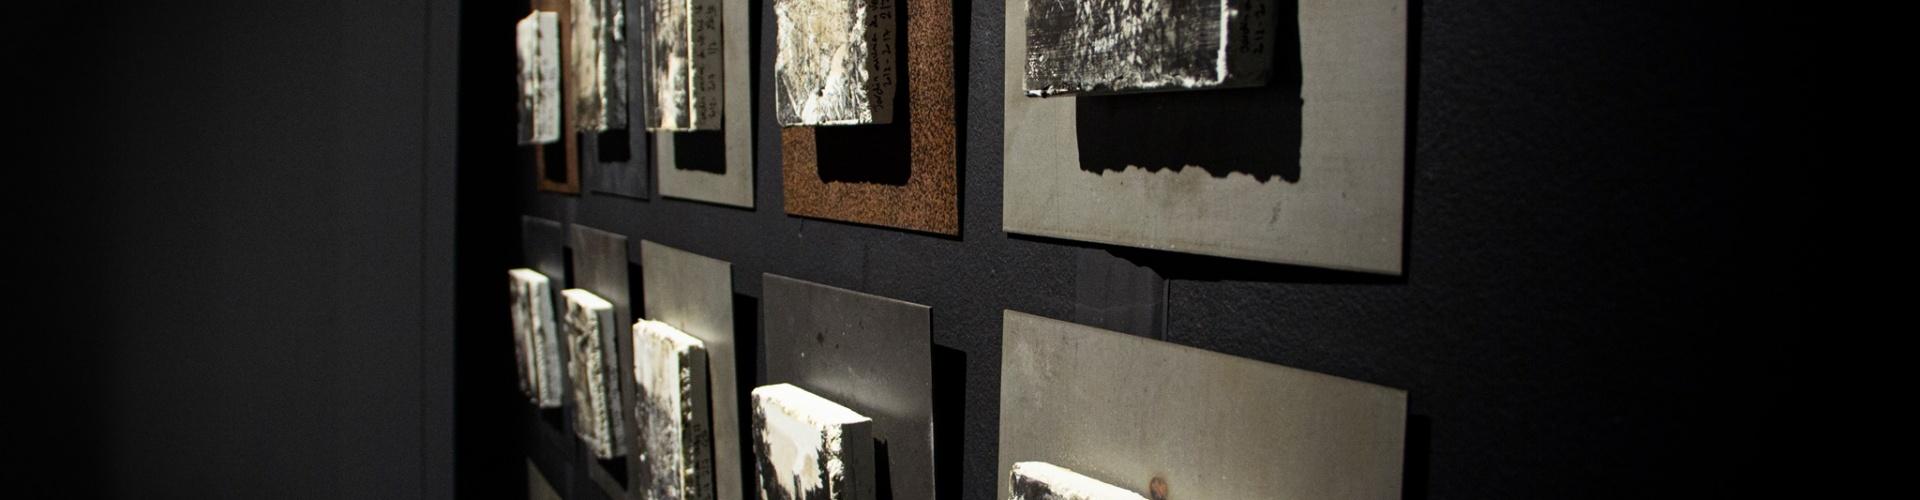 exposition Métropolis 2021 Ville de Guyancourt Crédits photos Christel Terrasson 3